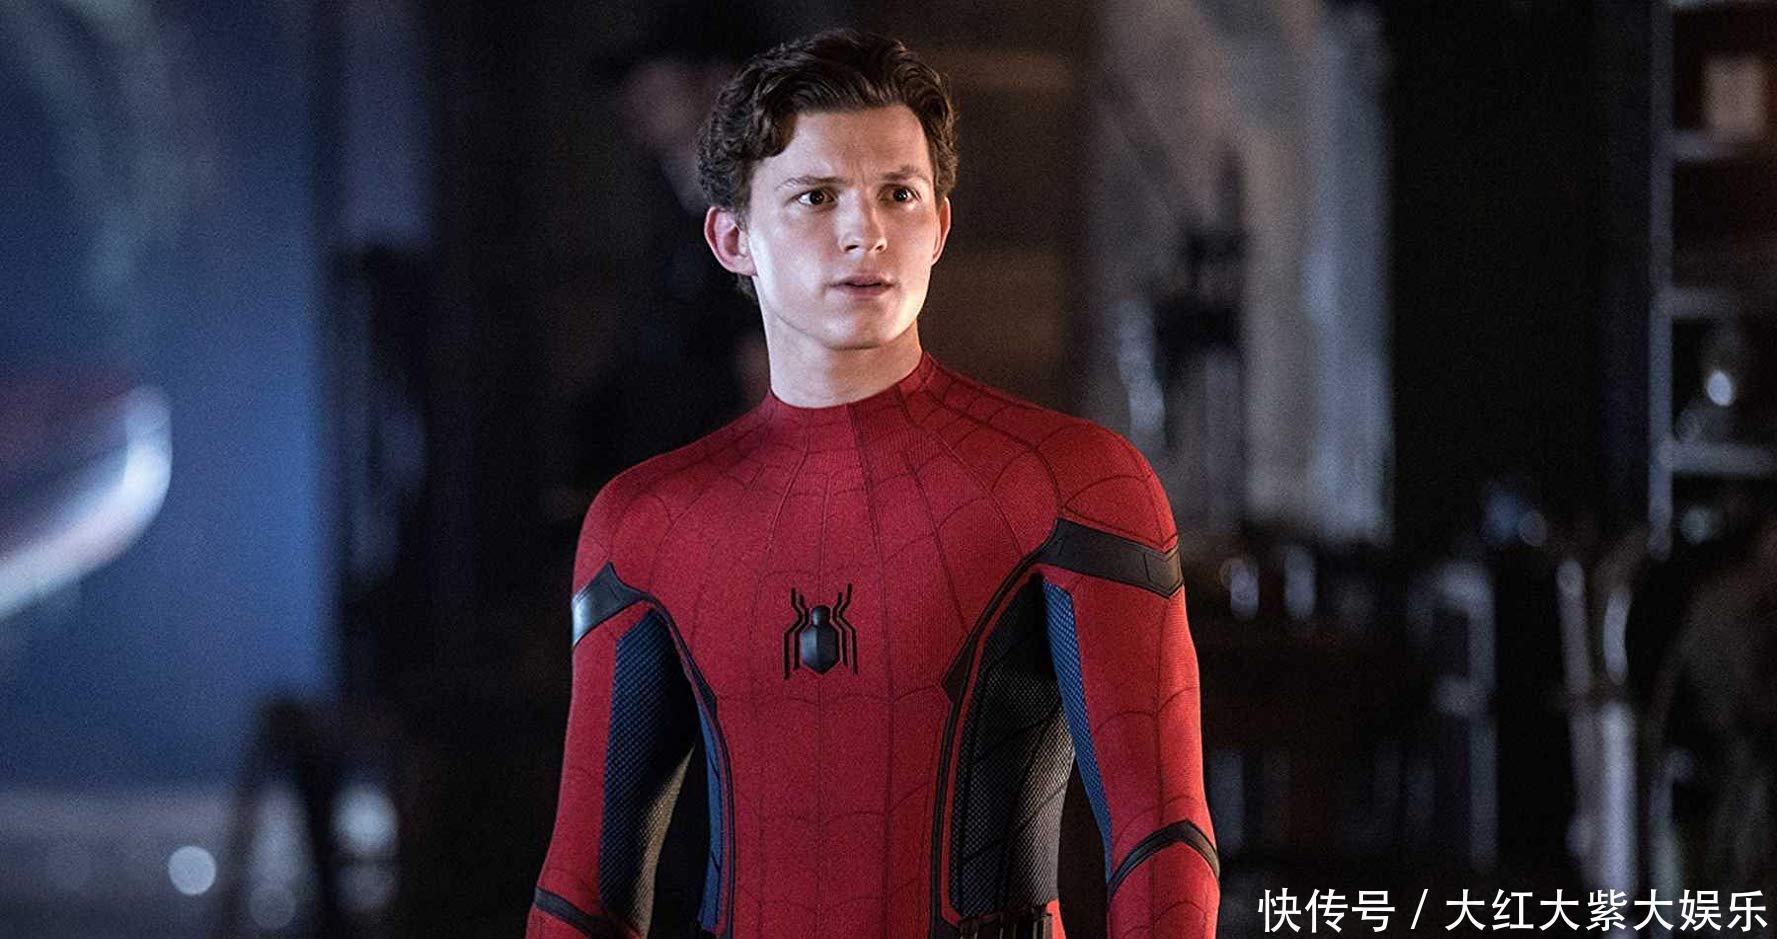 蜘蛛侠第一个彩蛋太虐心编剧其实还有另外两种方案